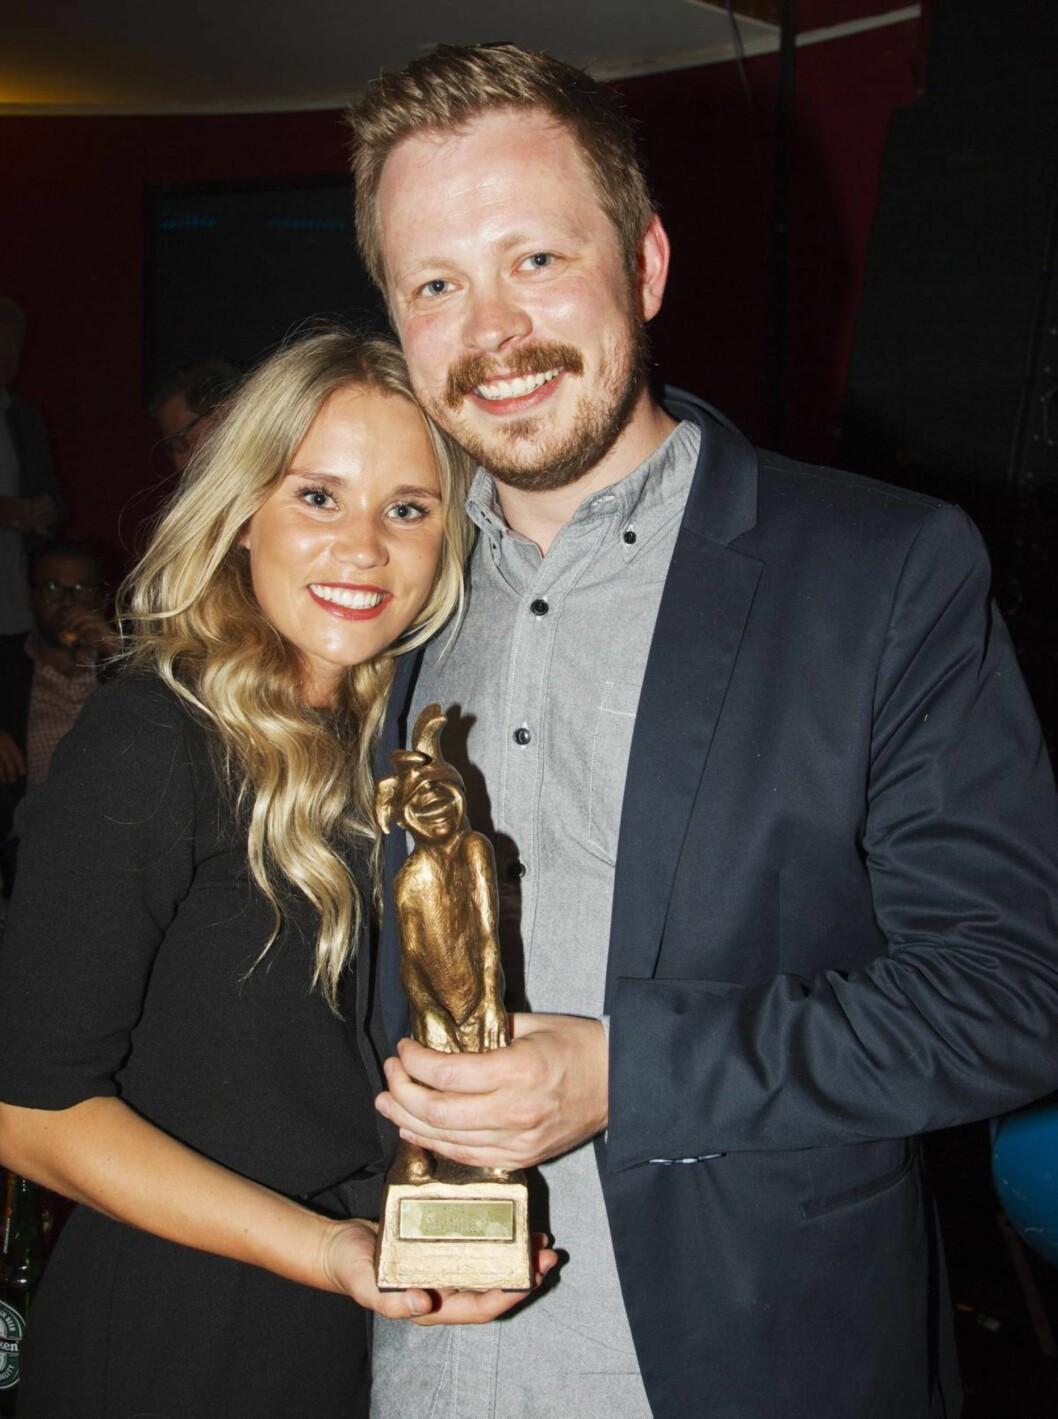 <strong>KJÆRESTEN:</strong> På Komiprisen i 2013 fikk Einar Tørnquist (31) prisen som årets nykommer. På utdelingen viste han frem kjæresten Linn Bjørnsen (26) for første gang. Foto: Se og Hør